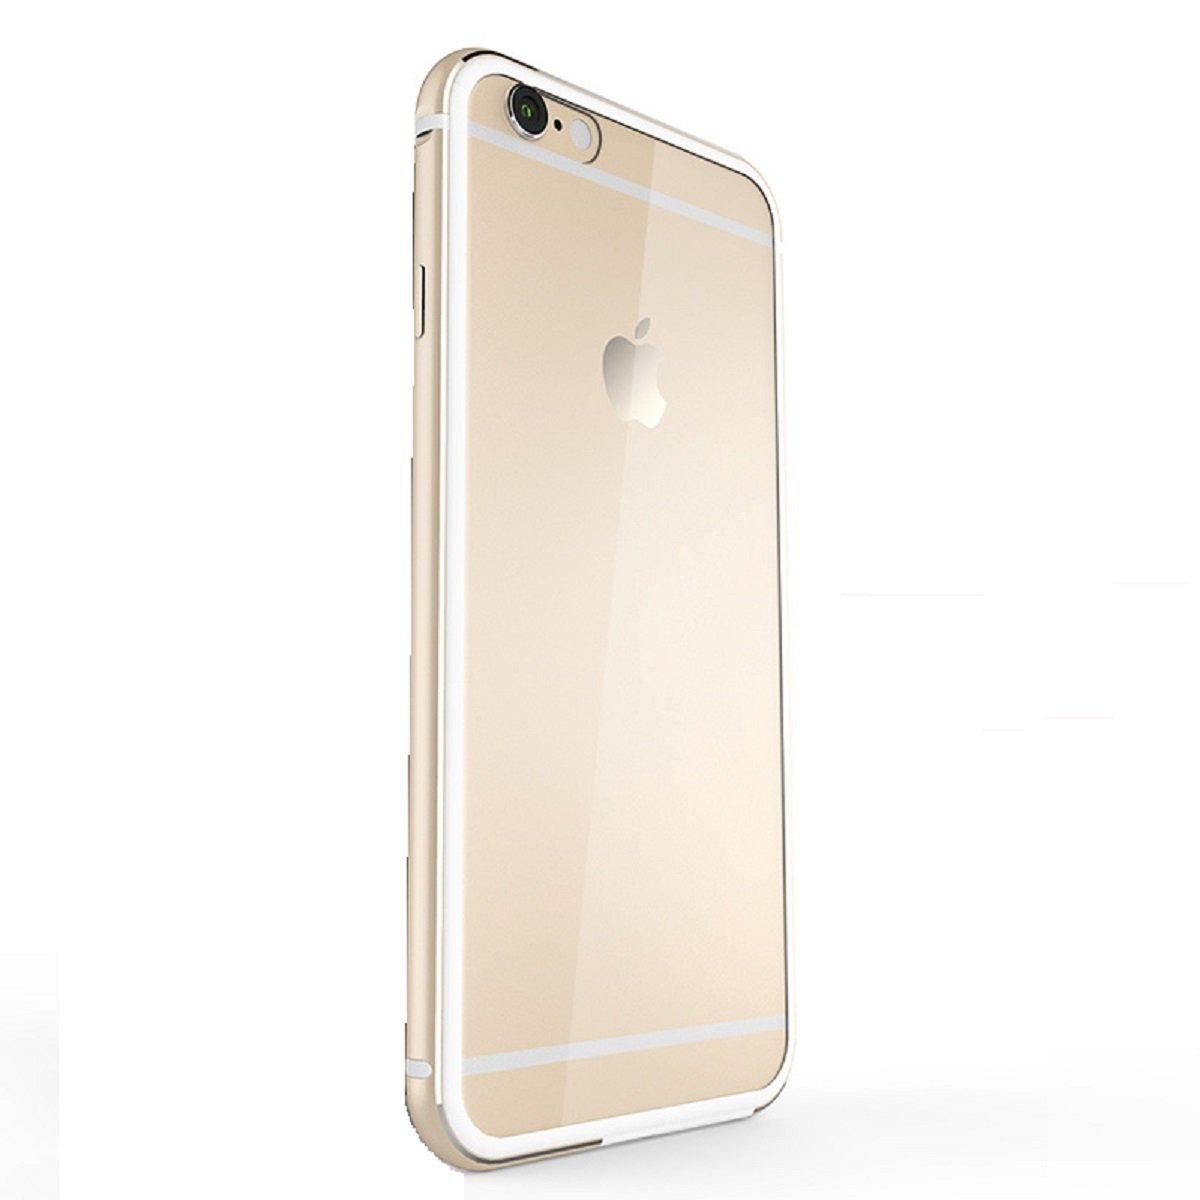 Tấm khiên bảo vệ YOCY T2 series được áp iPhone6/6S 4.7 inch vỏ điện thoại di động hệ vỏ bảo vệ hệ vỏ